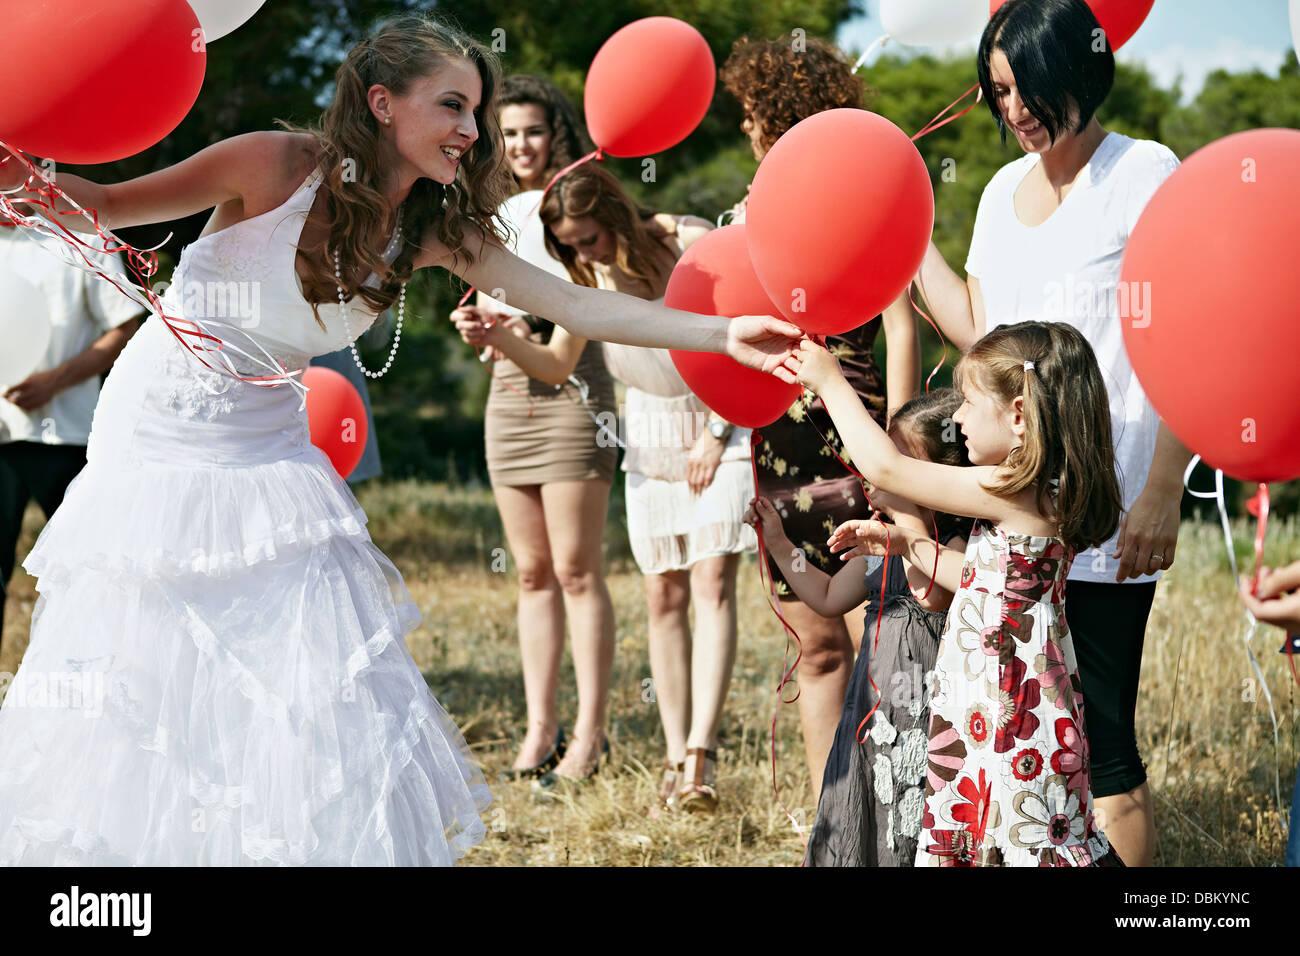 Los invitados a la boda con globos exteriores, Croacia, Europa Imagen De Stock